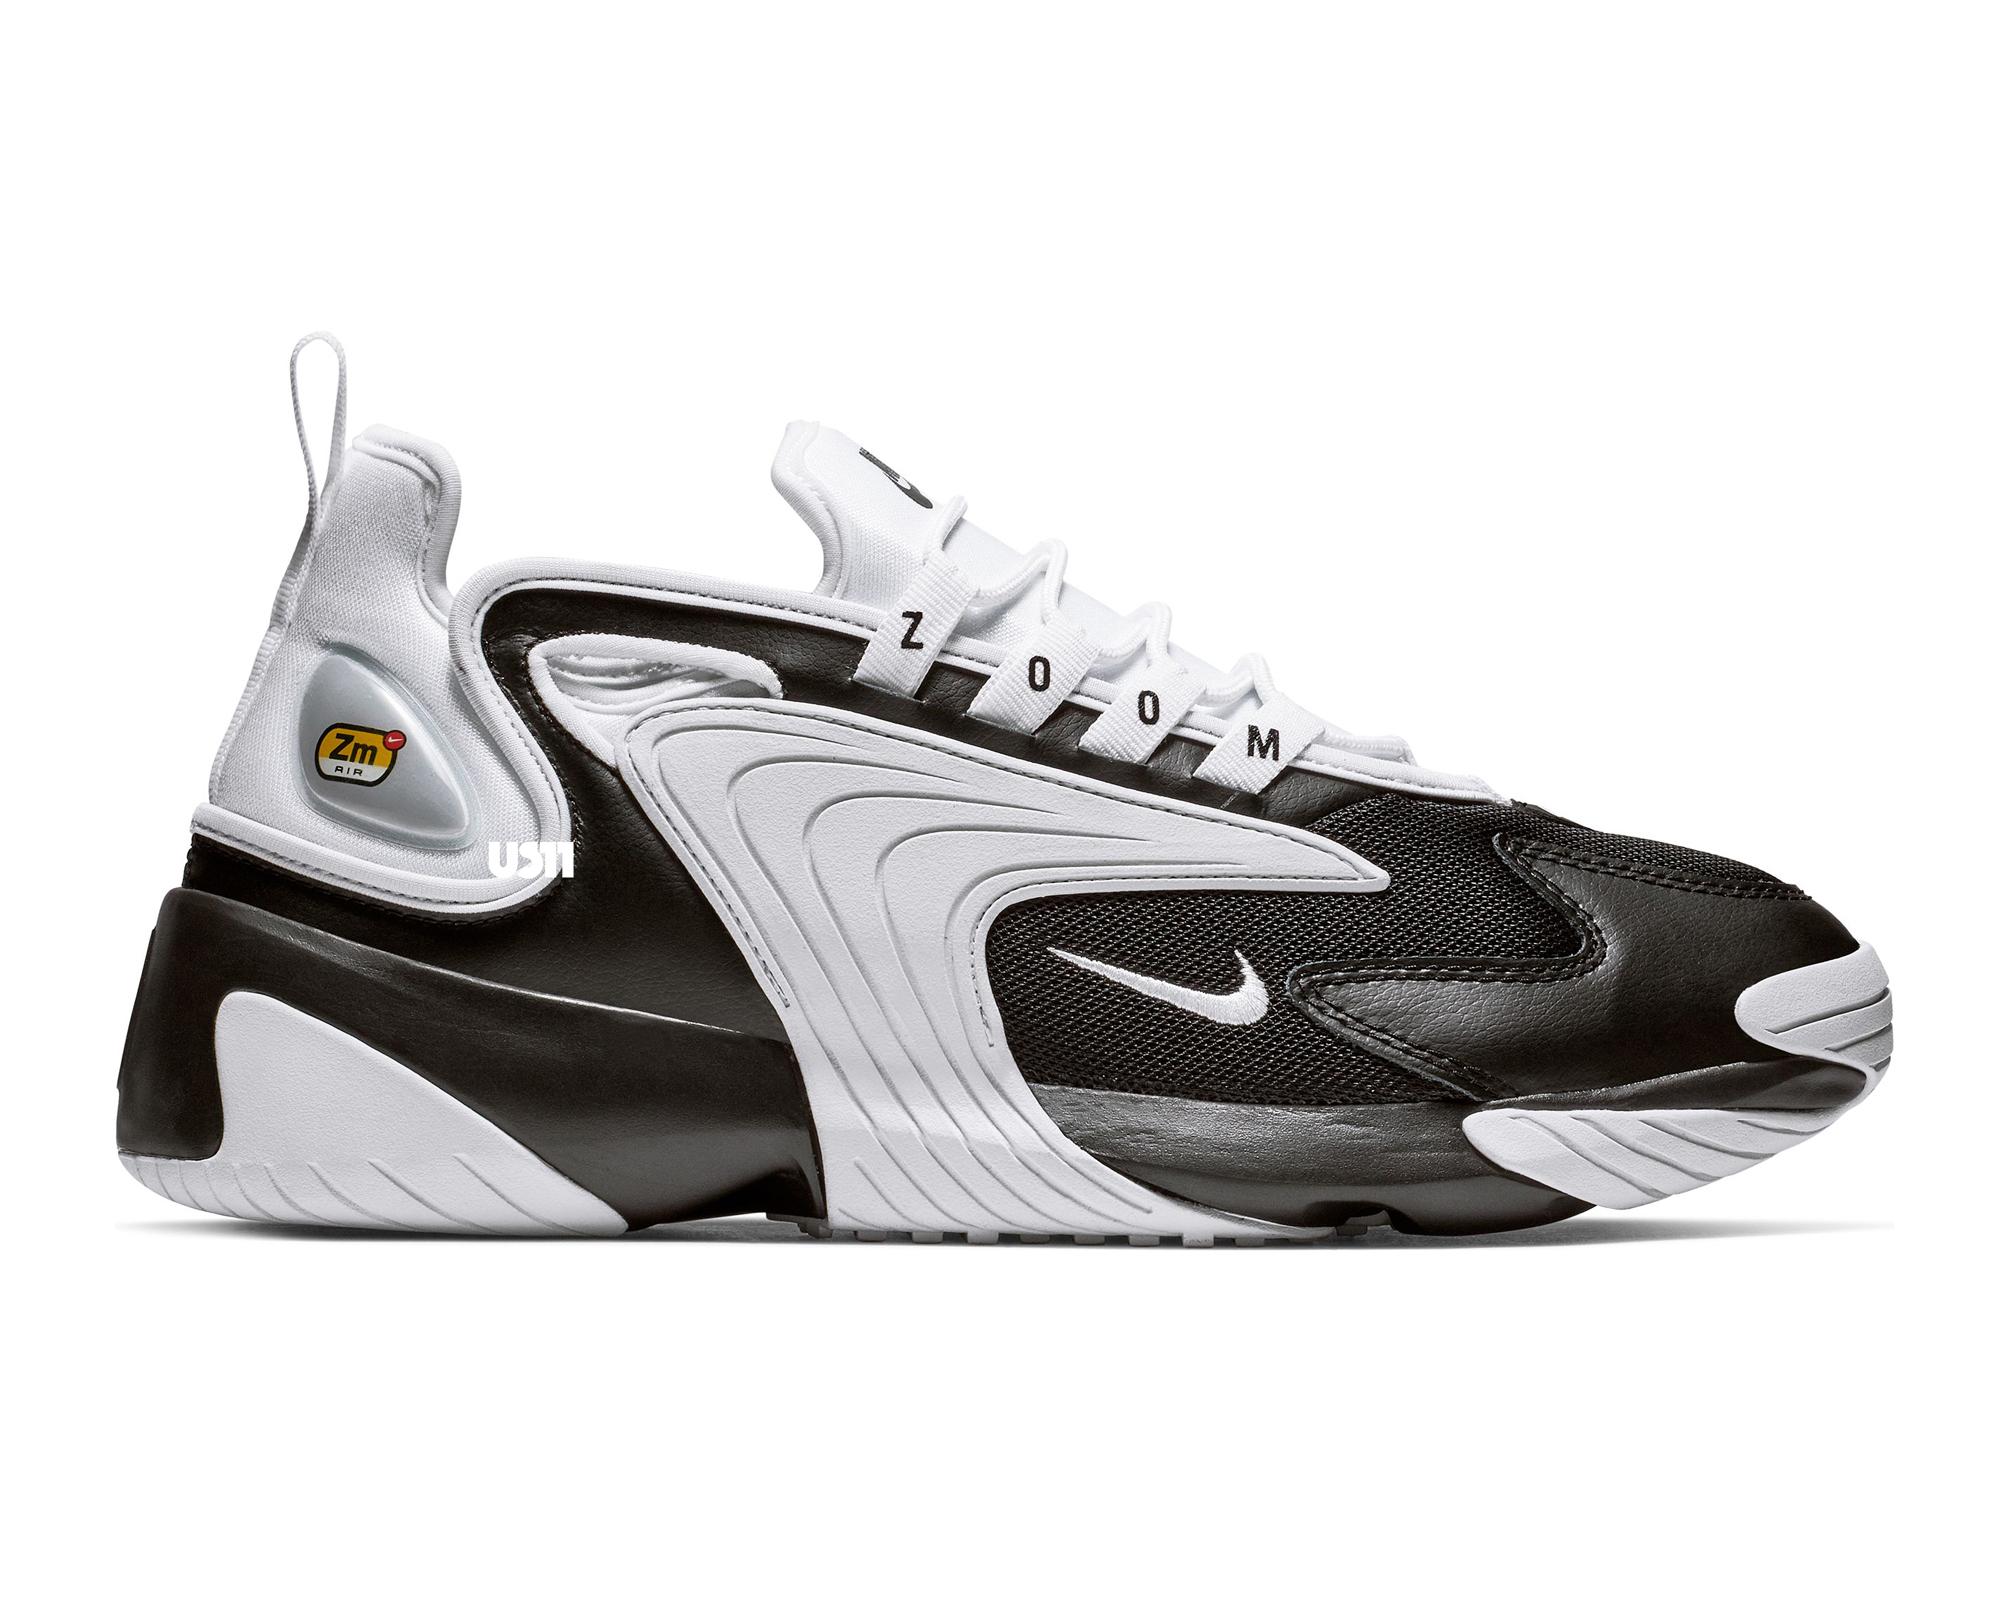 finest selection 4cde1 964b5 Nike-Zoom-2K-Black-White